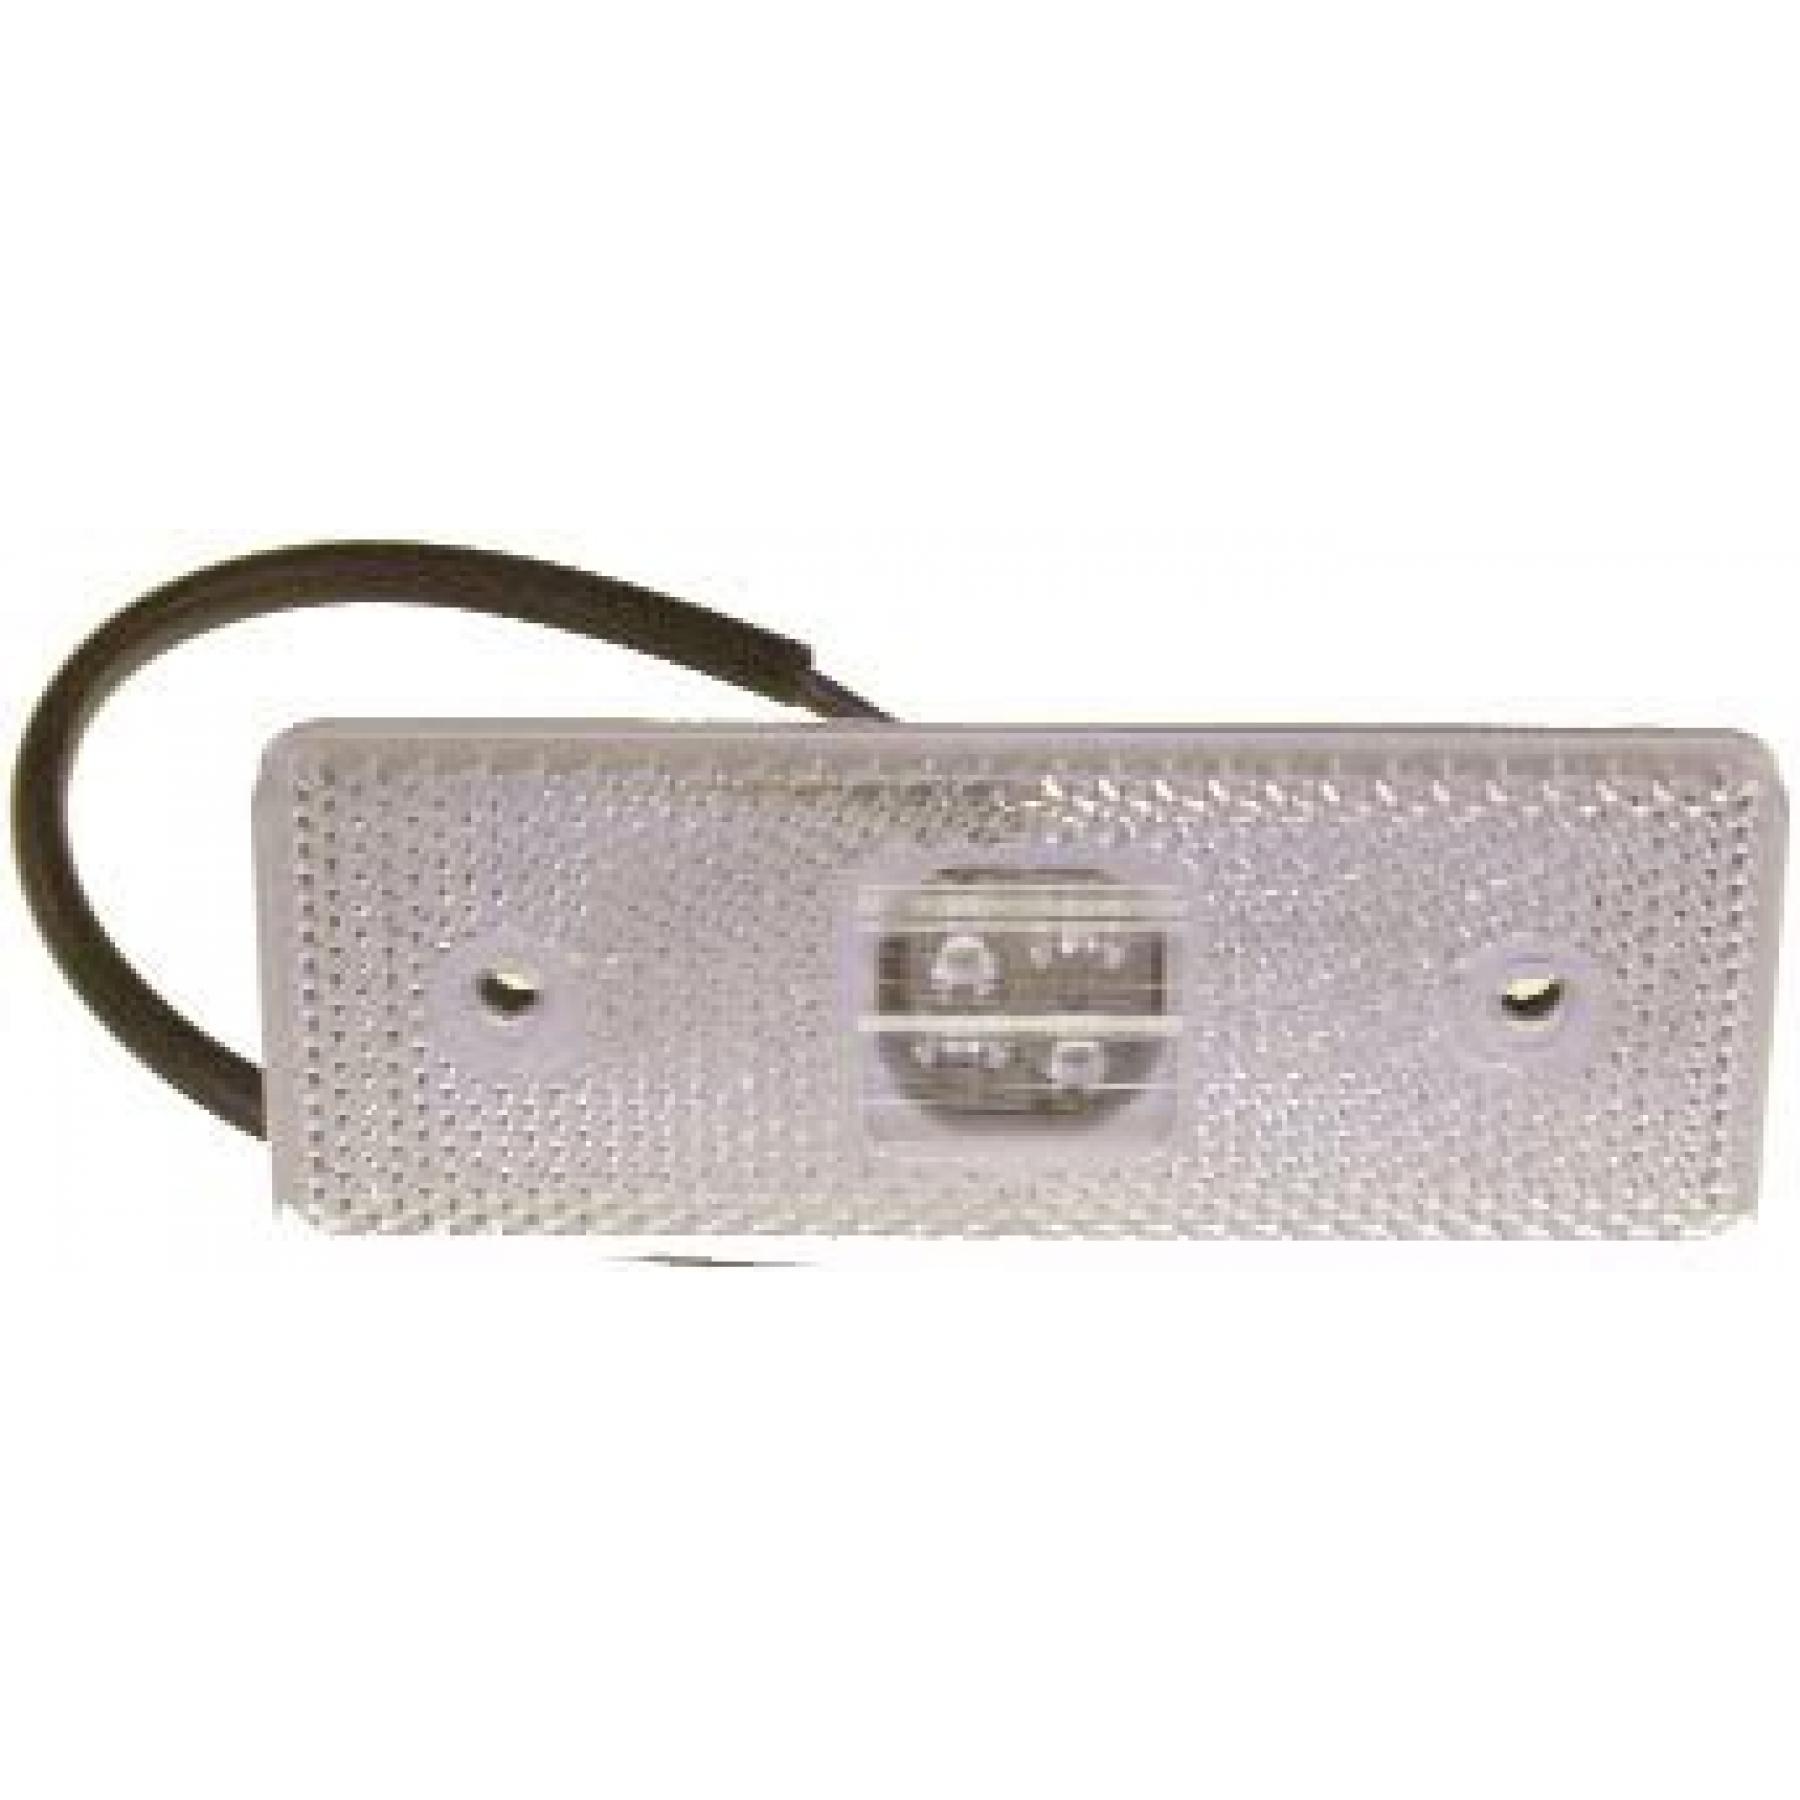 Markeringslamp LED wit 4 led 12/24v